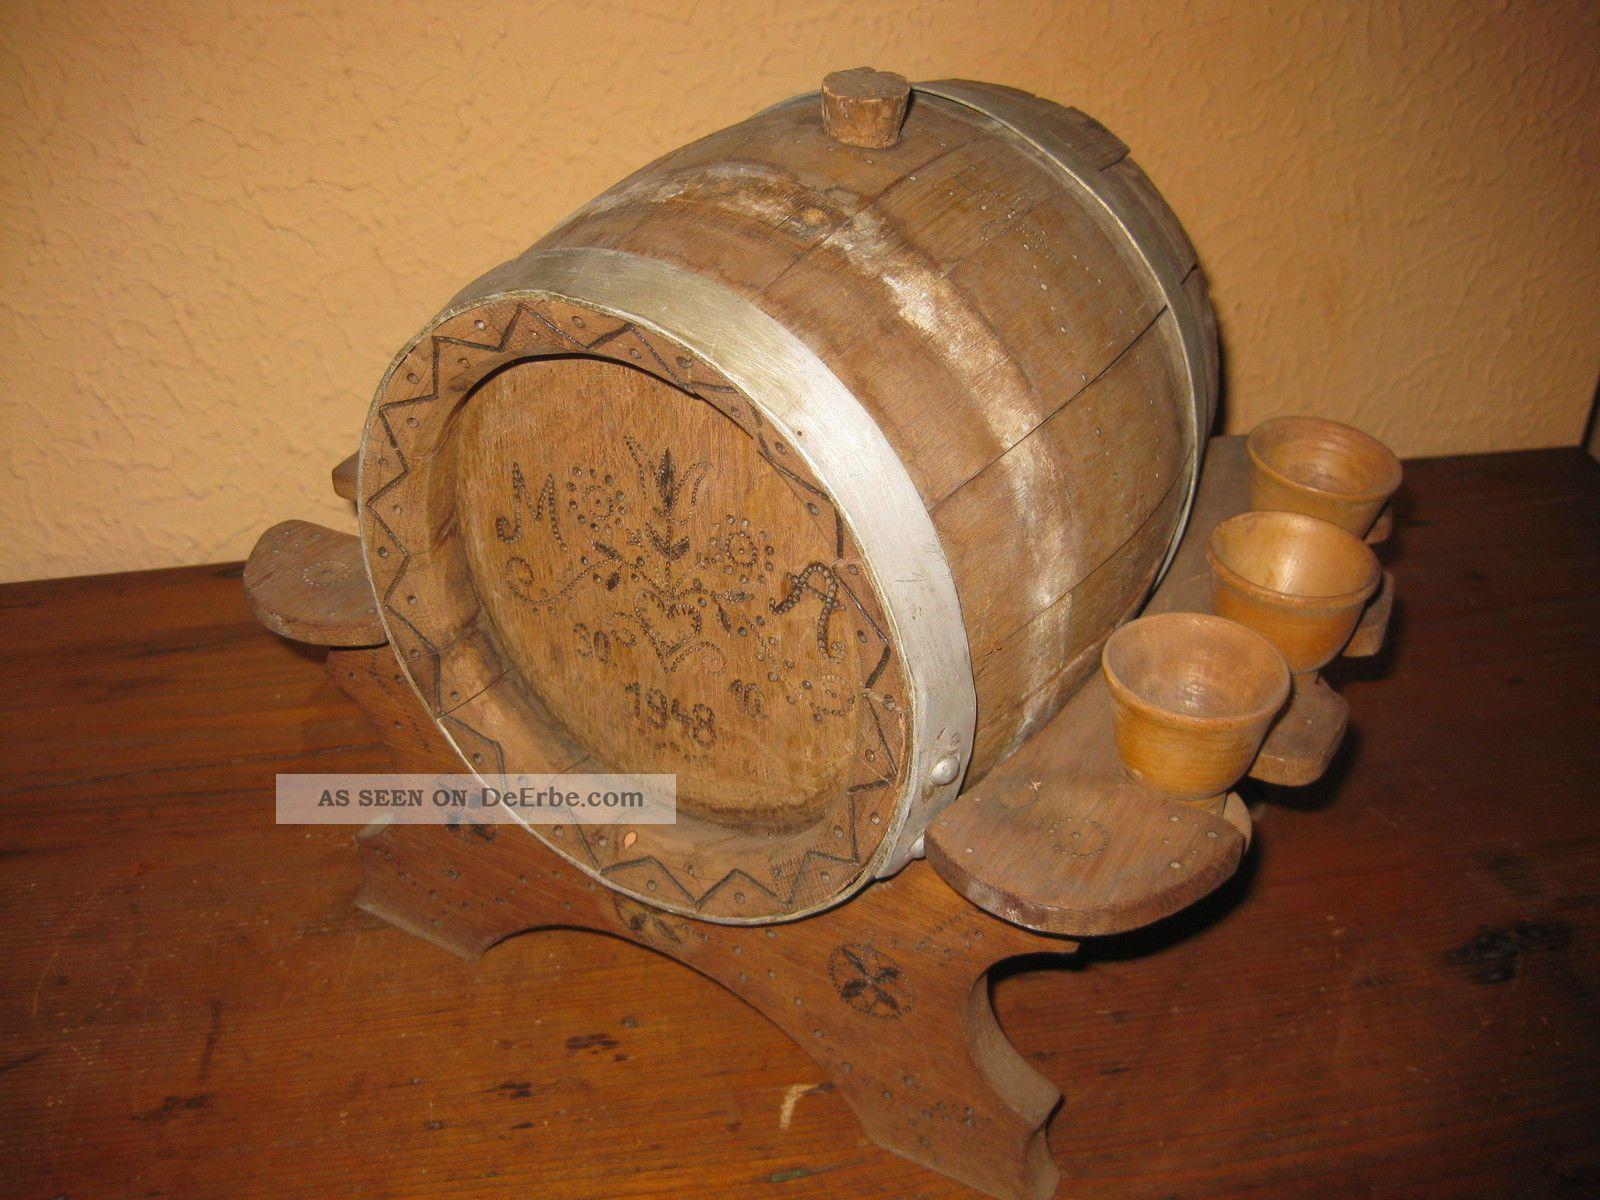 Kleines Altes Likörfass Holz Wein Bier Fass Eichenfass Ständer 1940er Selten Bauer Bild